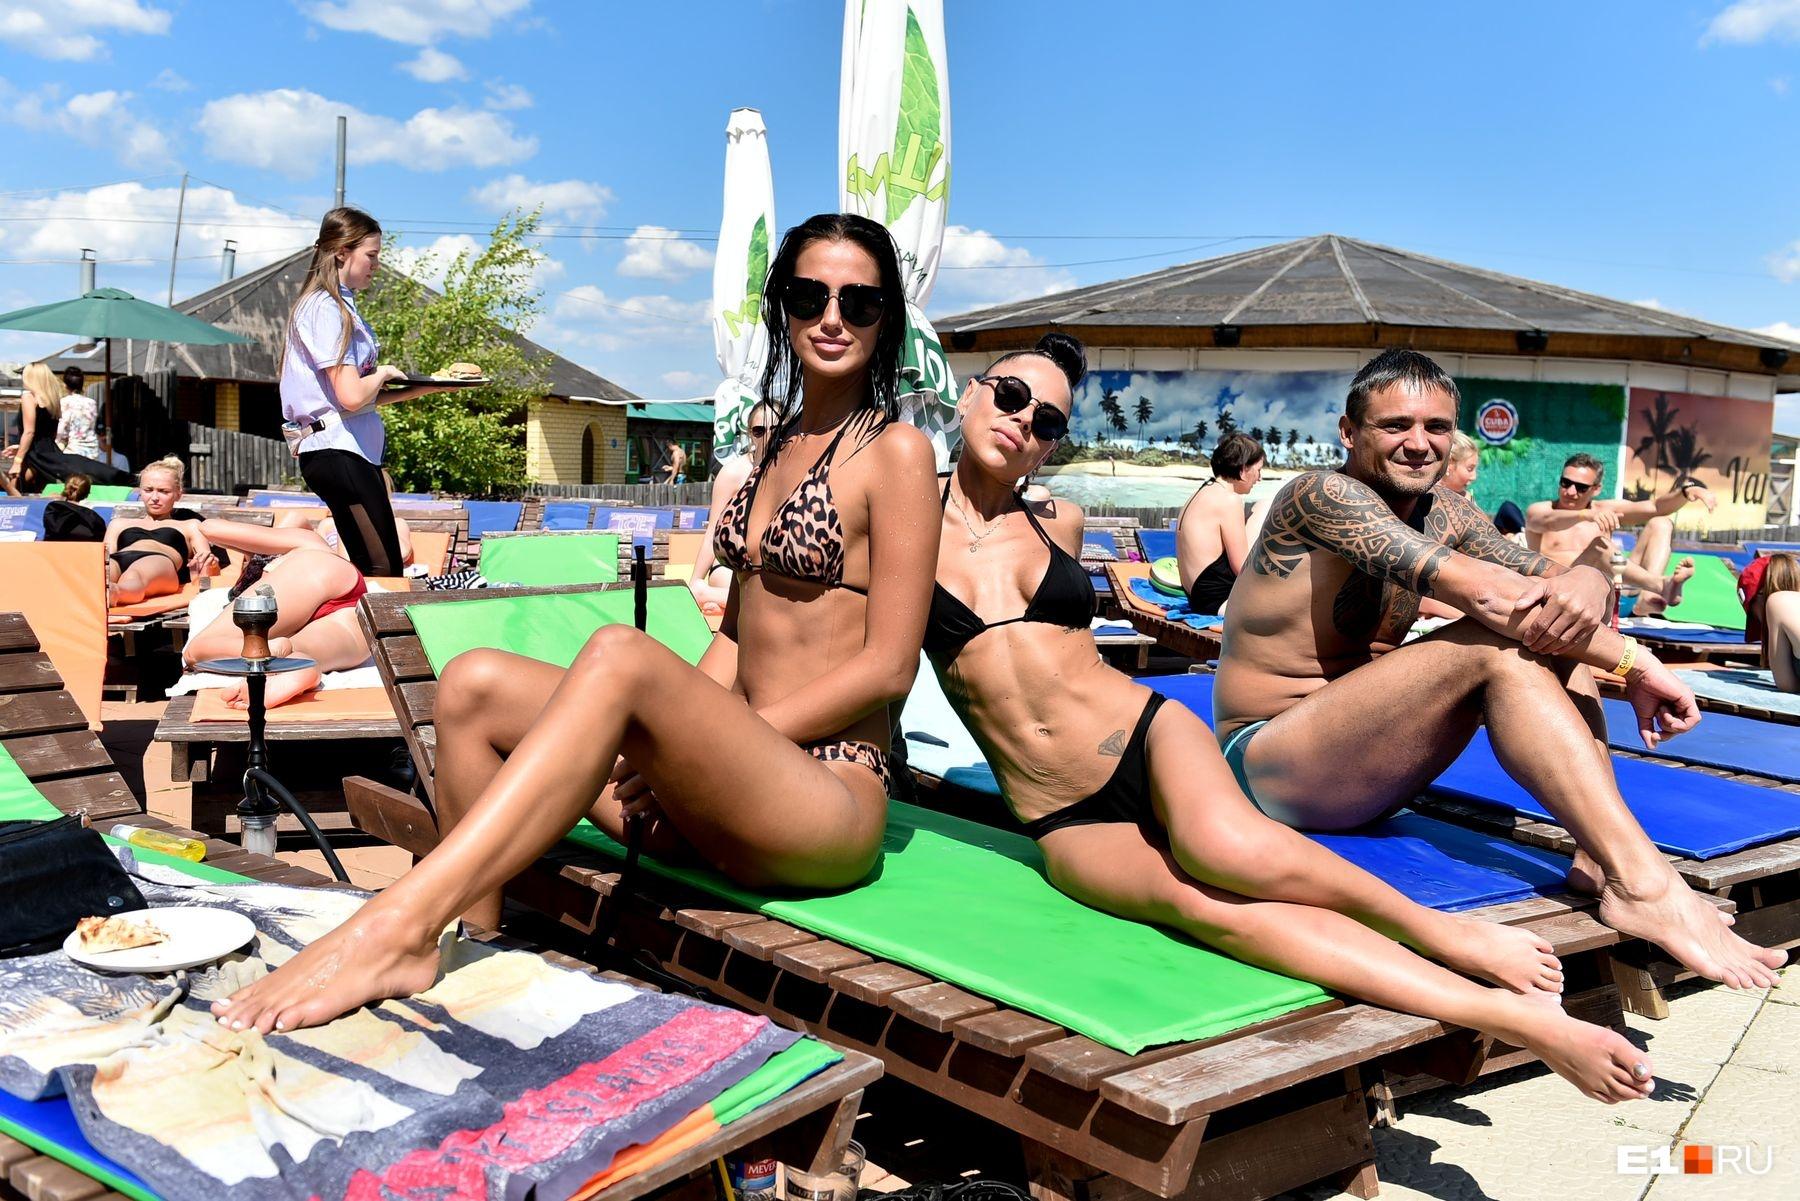 Пляж «Куба»недешевый, но там все благоустроено для отдыха